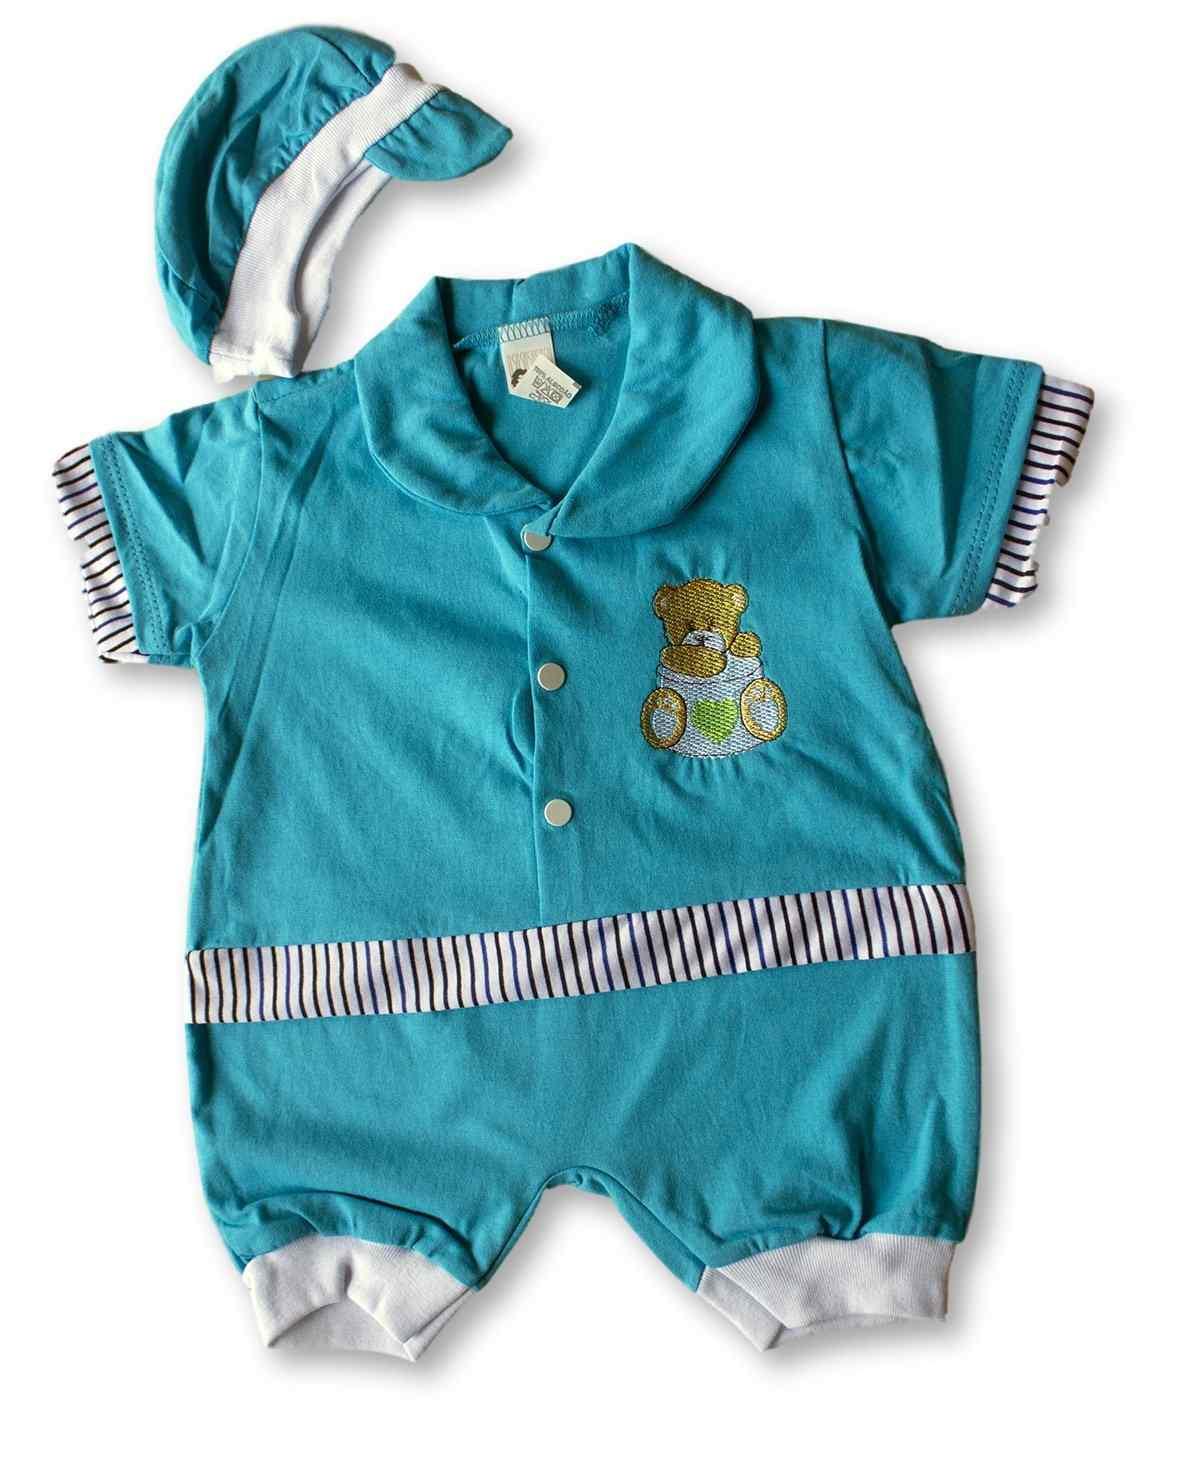 Macacão Bebe Recém Nascido Masculino Bordado Cod 9072